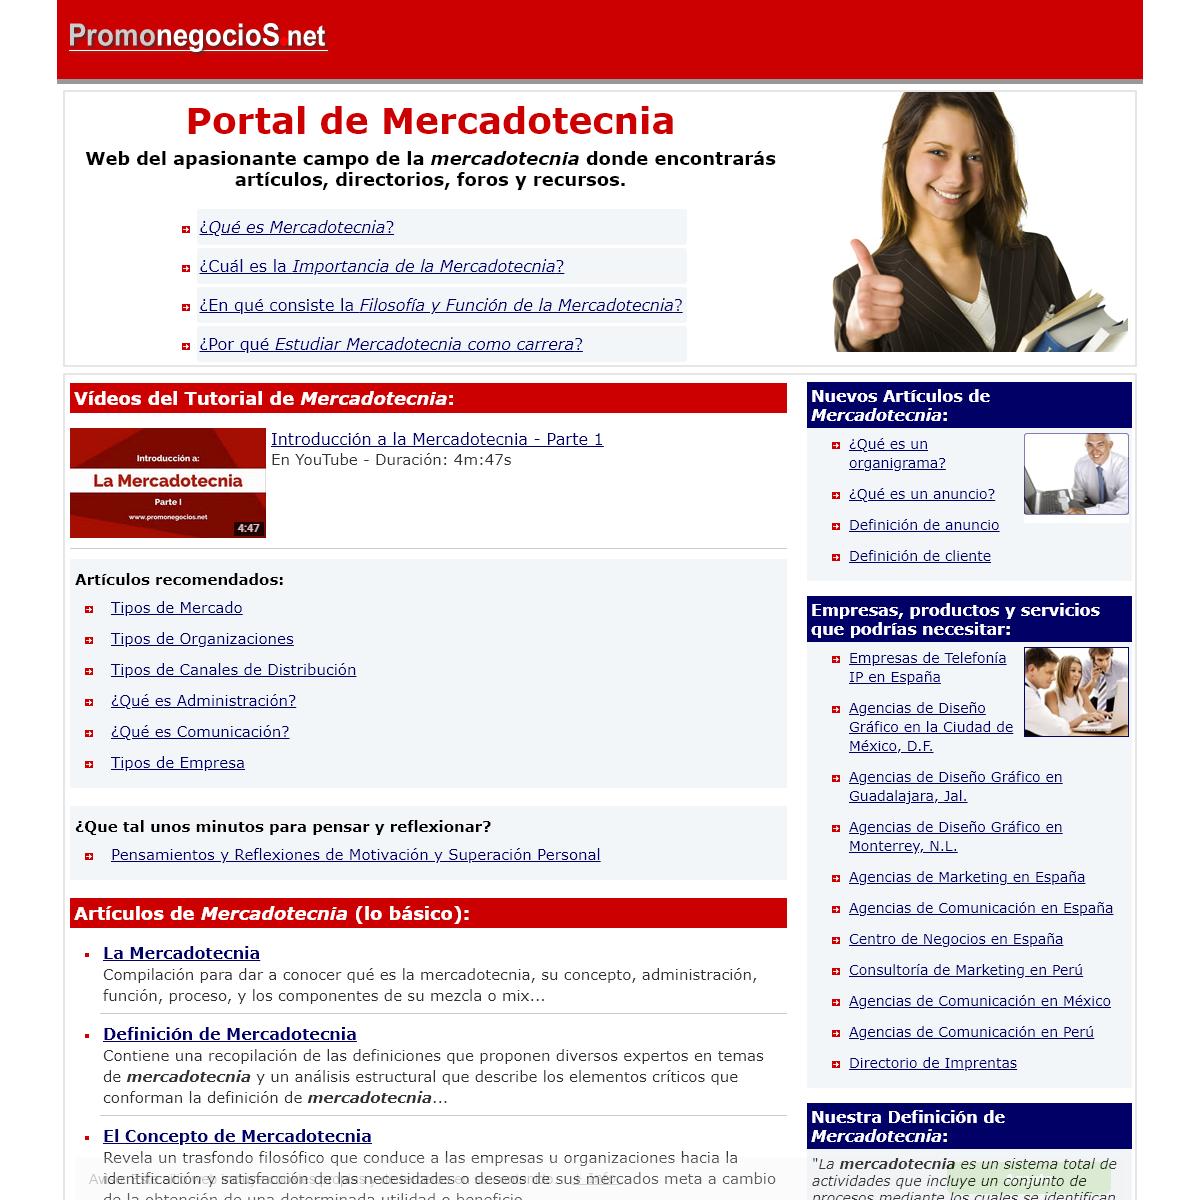 PORTAL DE MERCADOTECNIA - Promonegocios.net